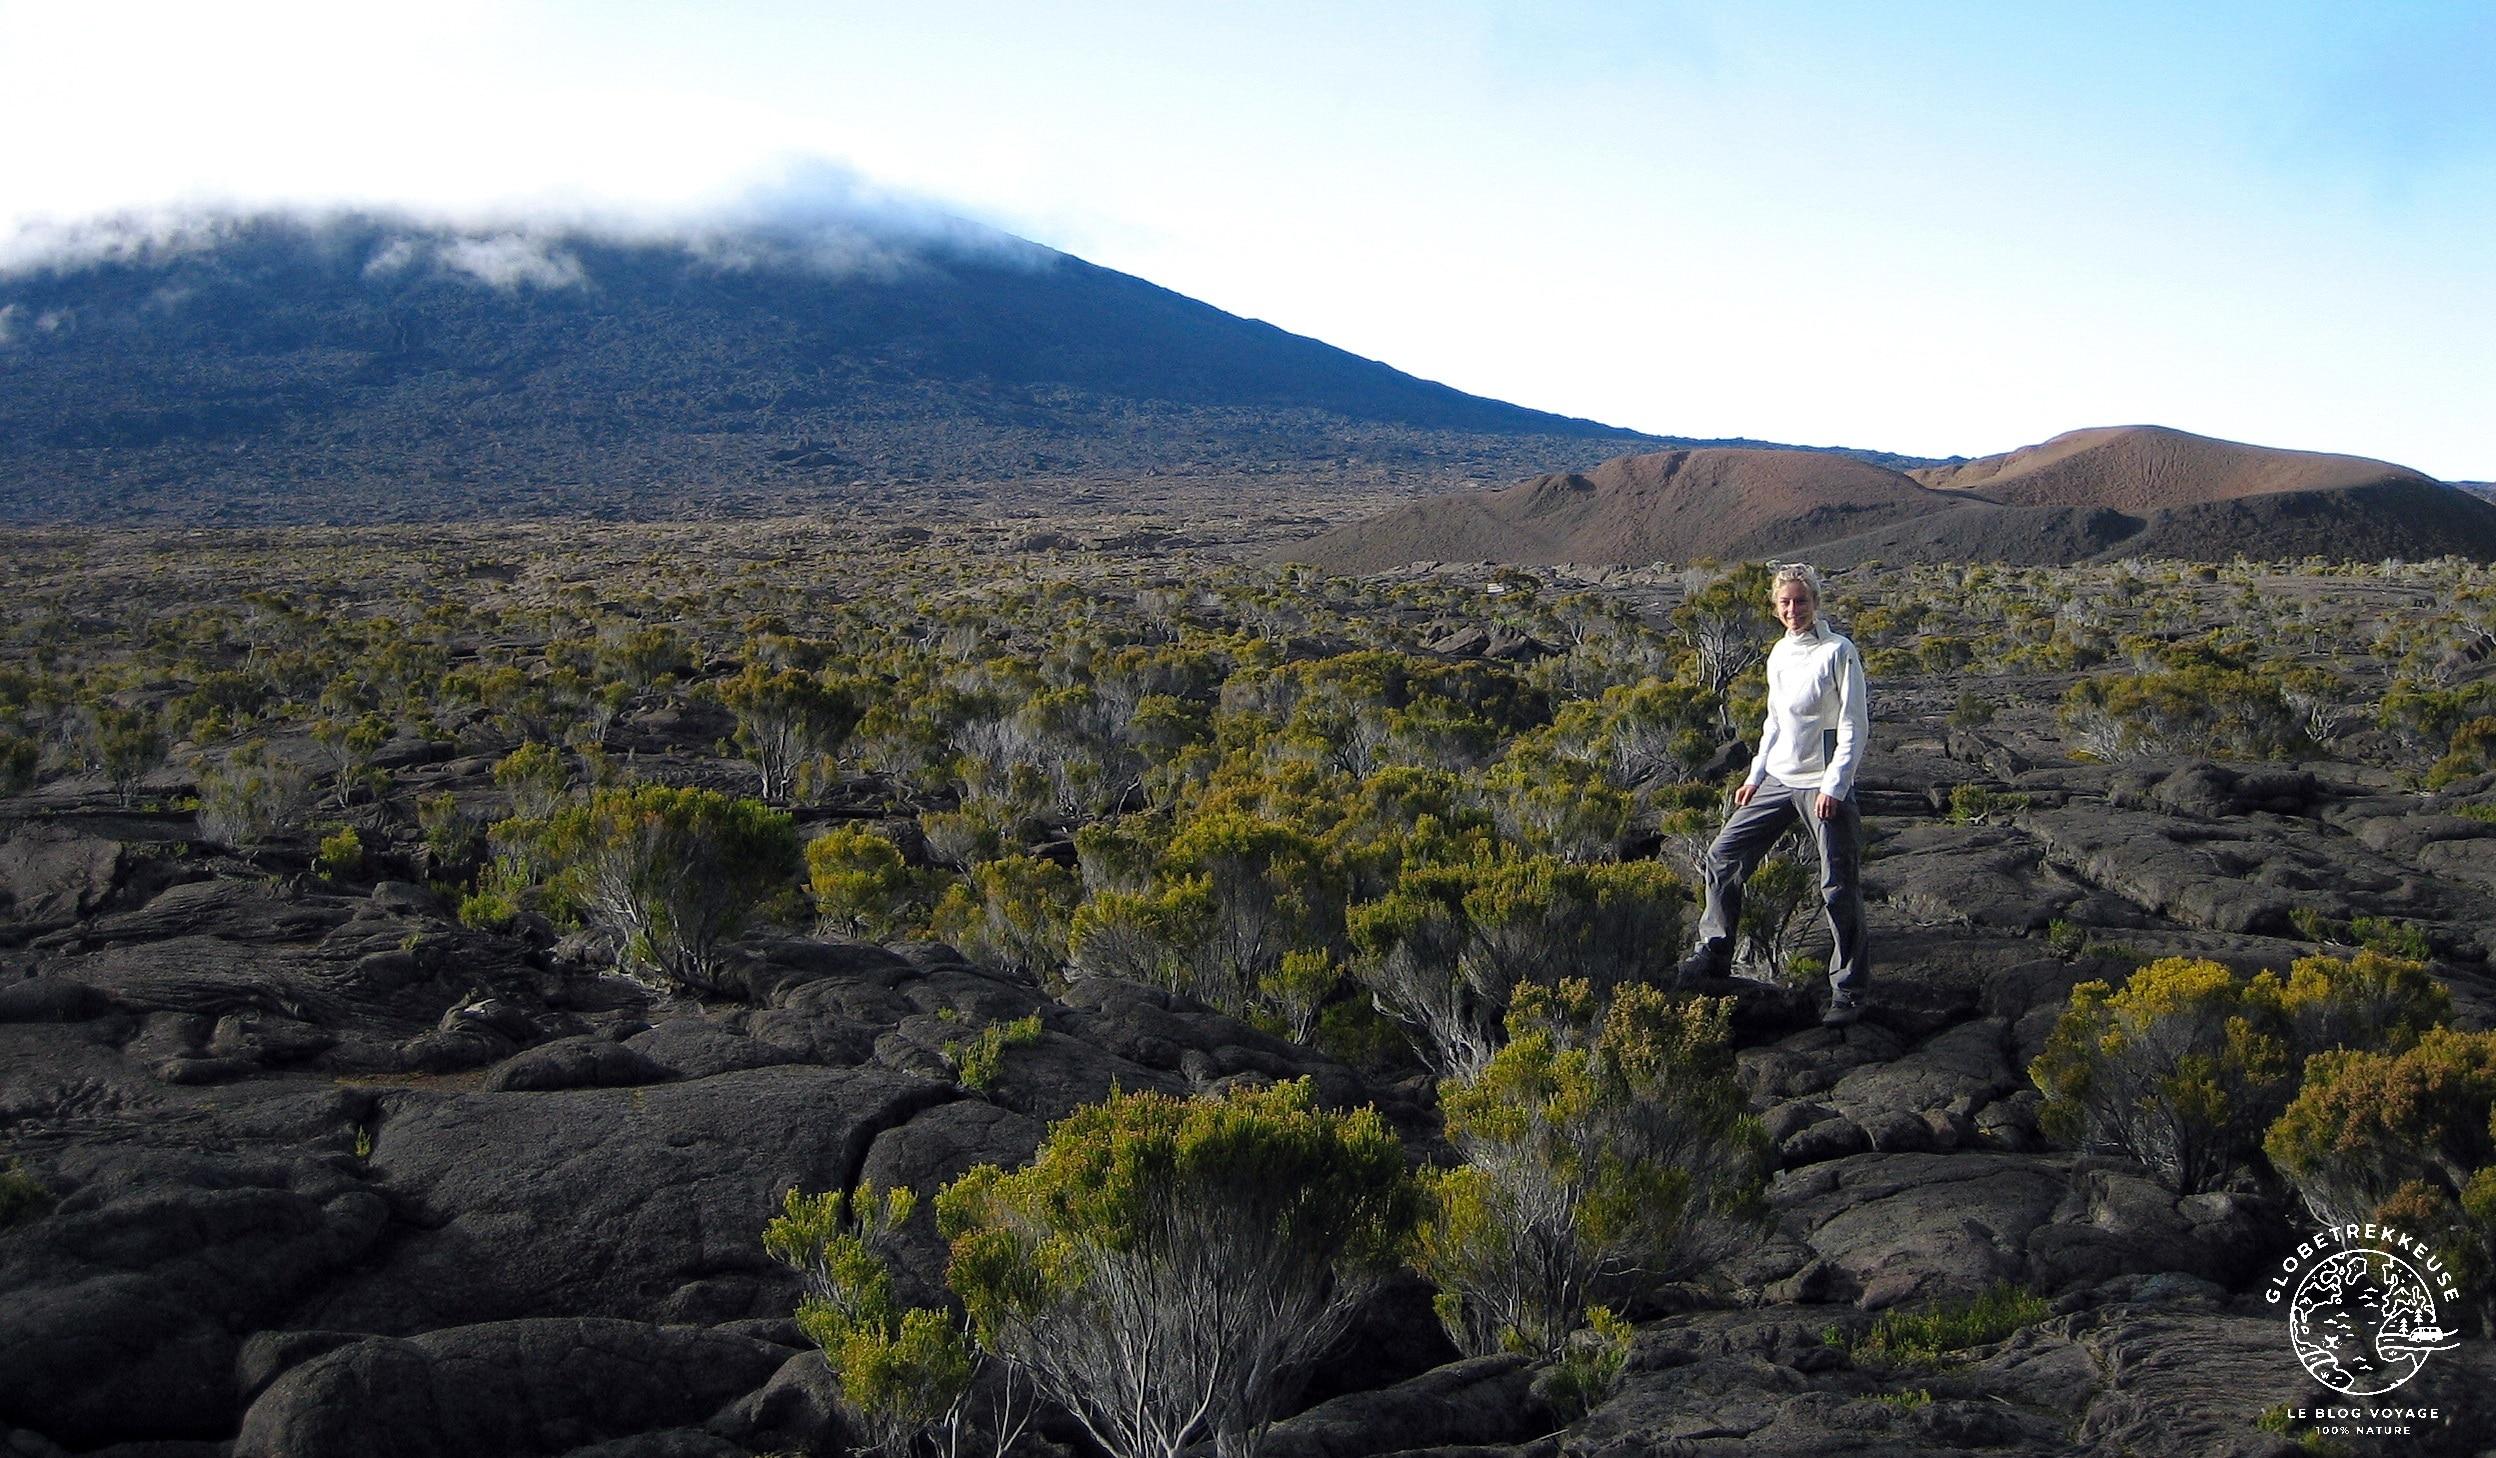 Randonnee Sur L Ile De La Reunion Recit De Mon 1er Trek